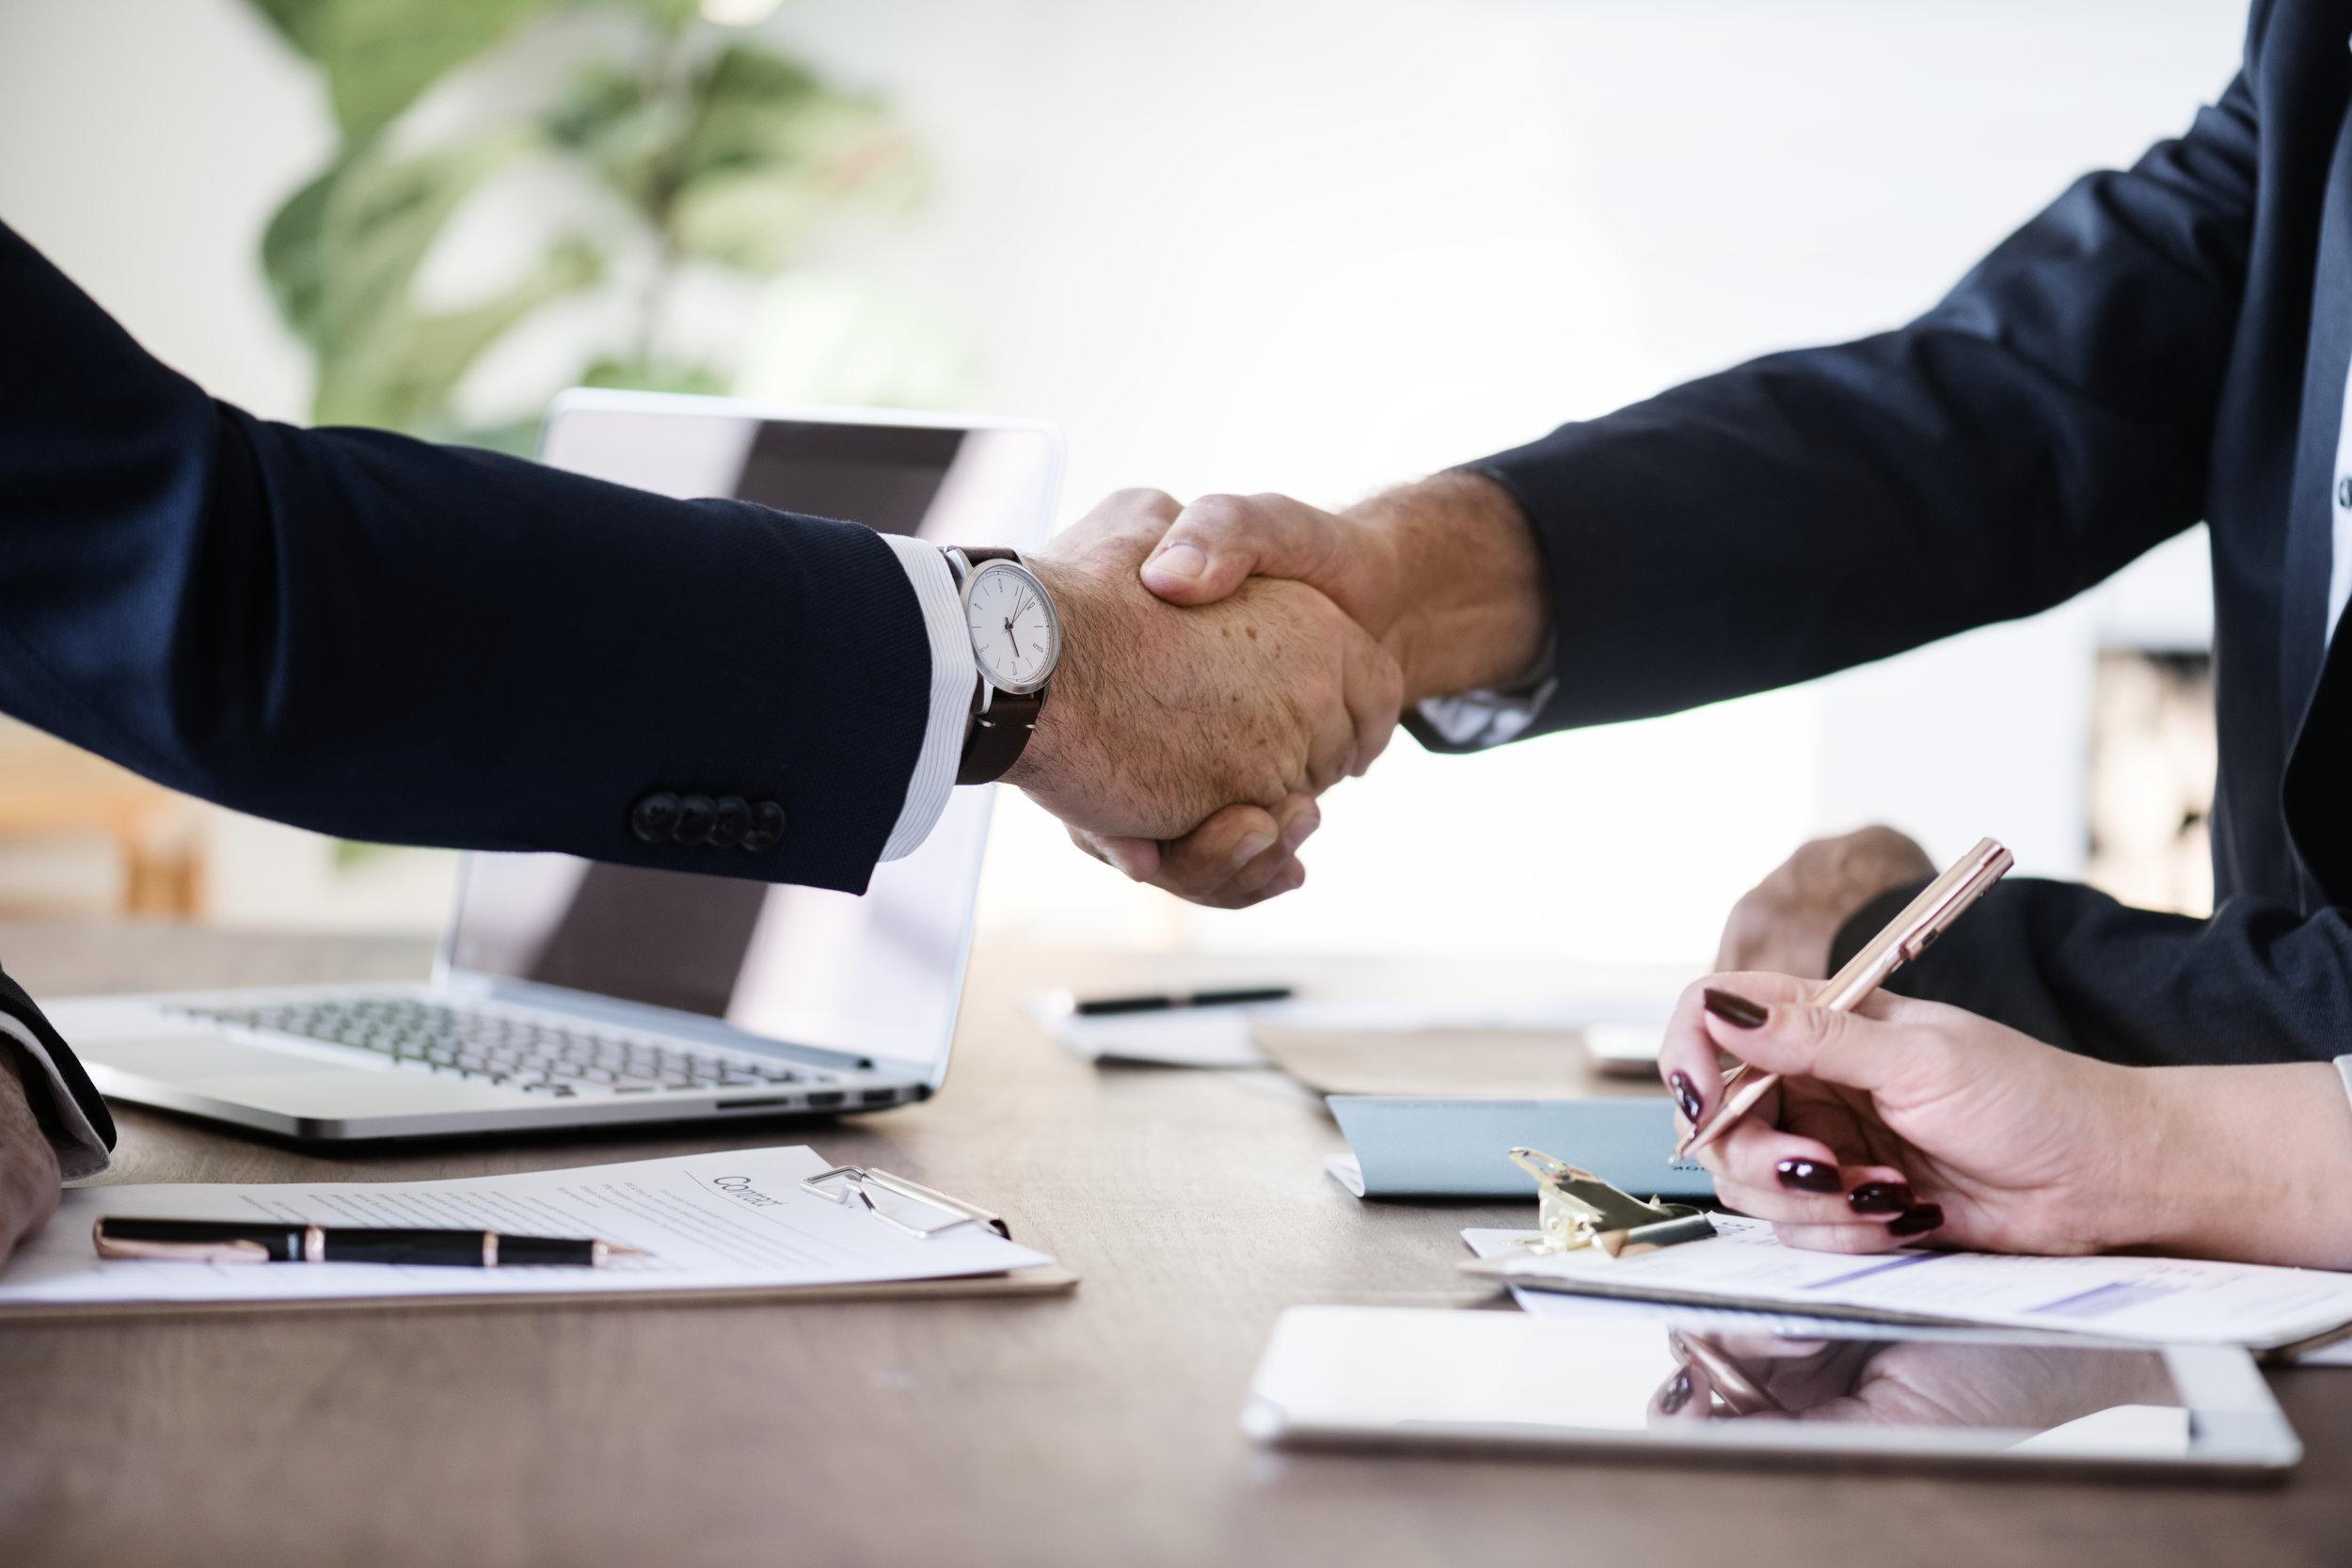 Extern säljare. - Behöver du tillfällig förstärkning i din säljorganisation? Kontakta oss så berättar vi mer om hur vi kan hjälpa dig och ditt företag.